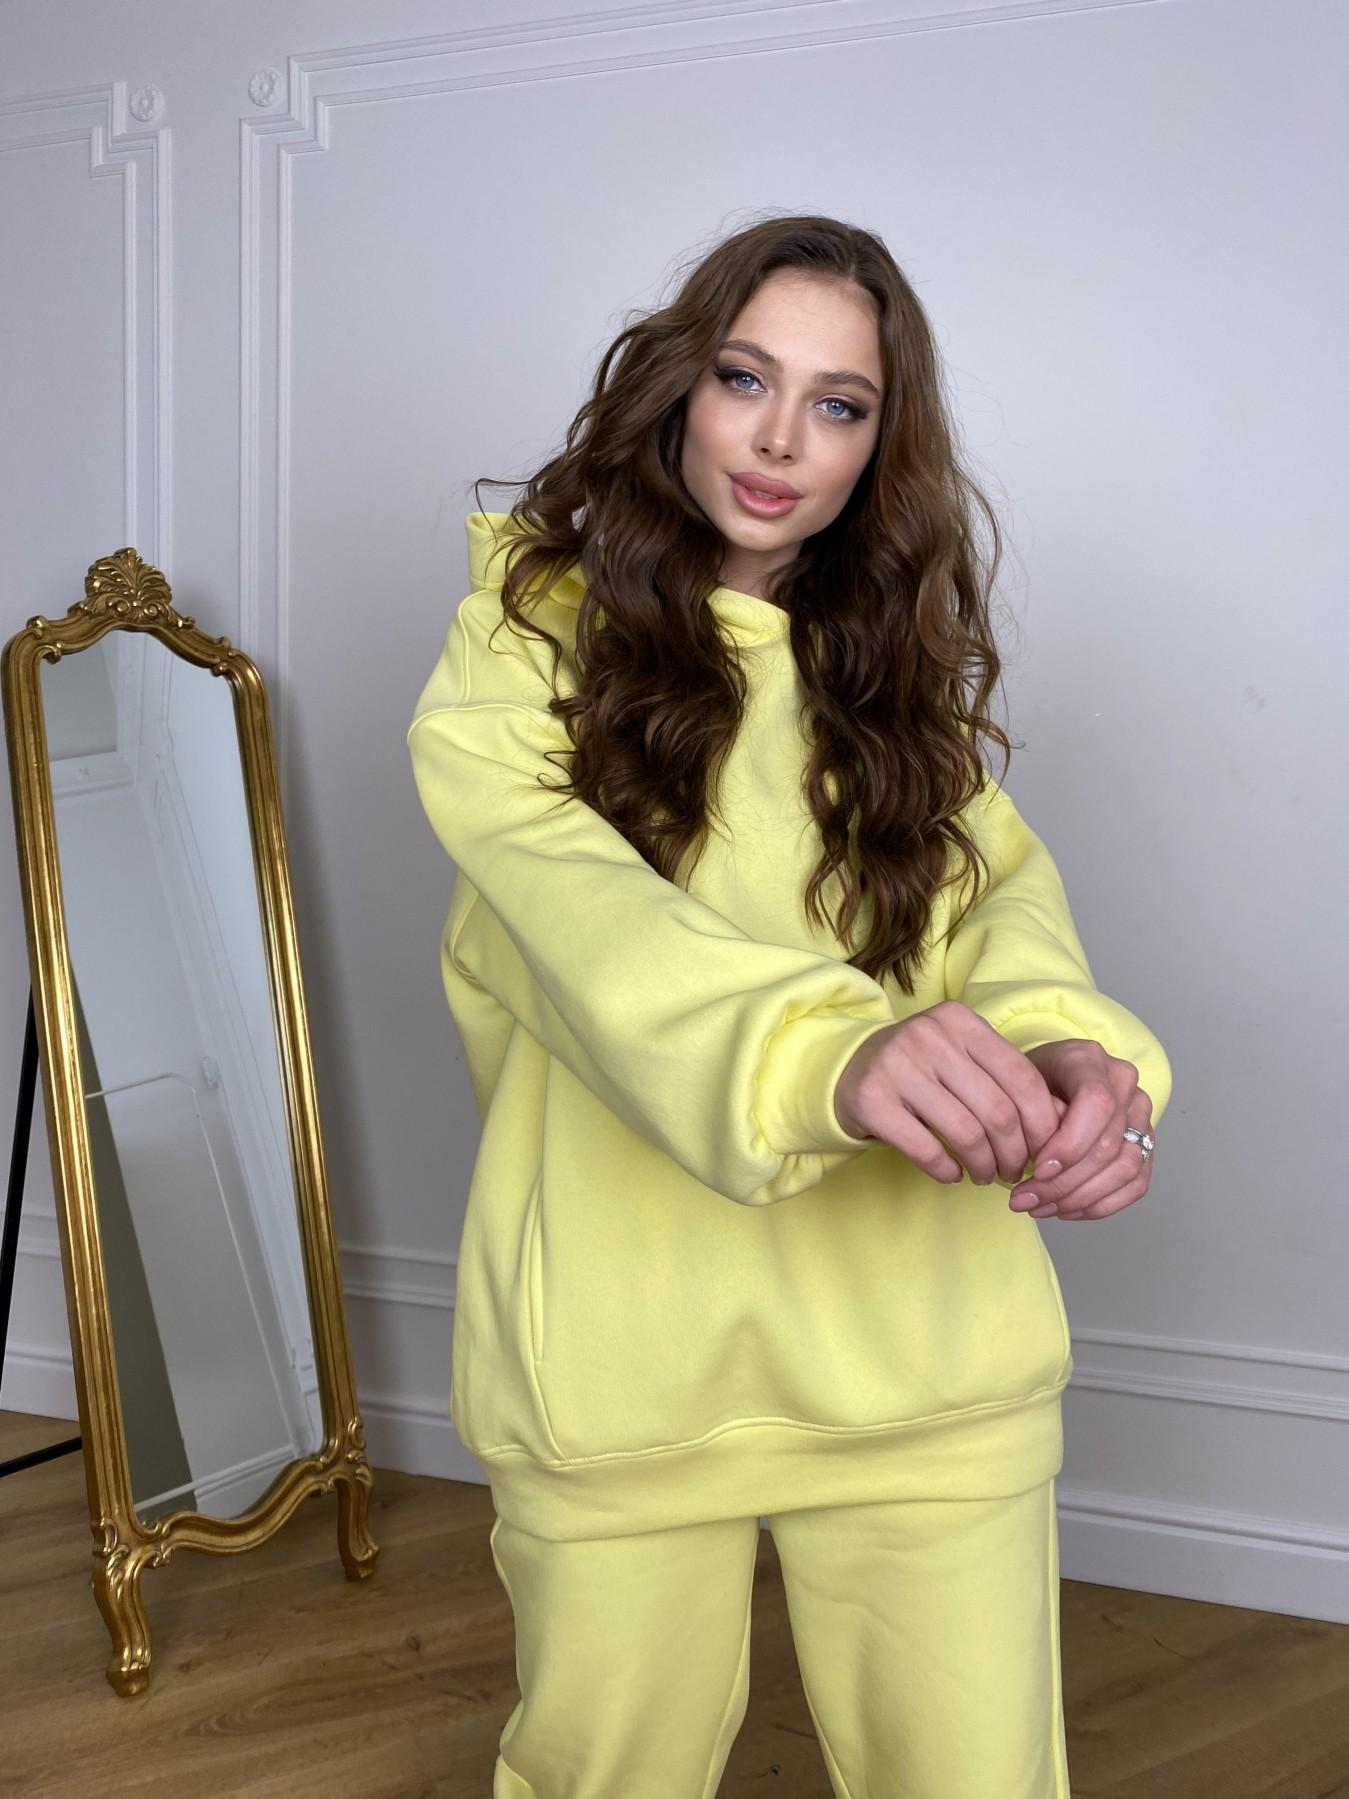 Марион костюм в  стиле Oversize  3х нитка 9651 АРТ. 46905 Цвет: Лимон - фото 4, интернет магазин tm-modus.ru